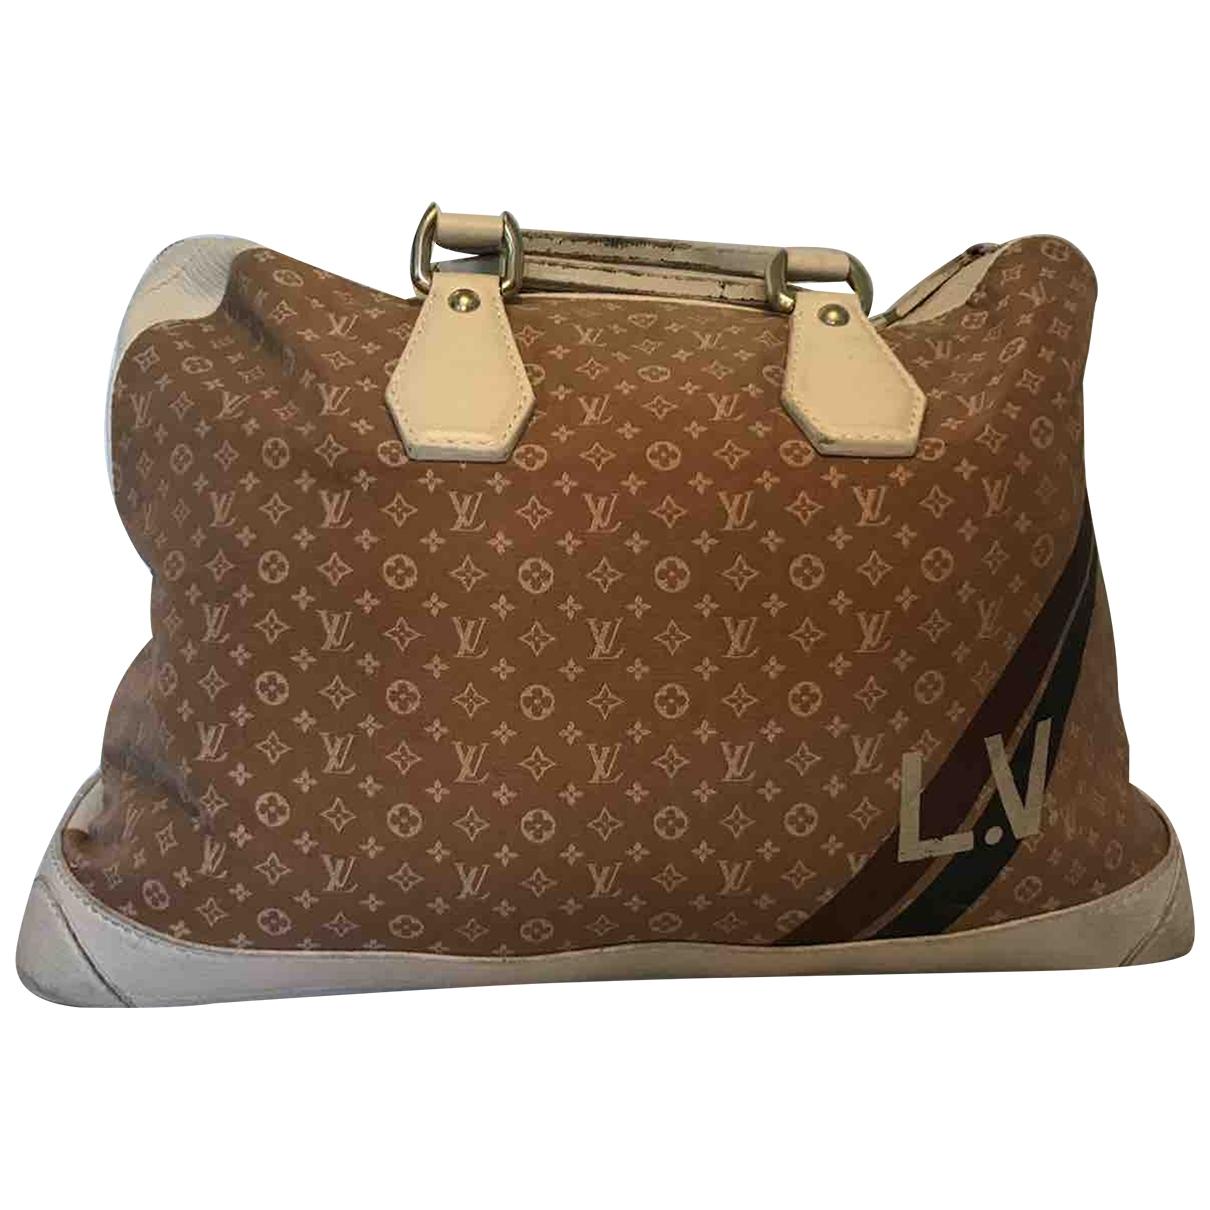 Louis Vuitton - Sac de voyage   pour femme en toile - camel